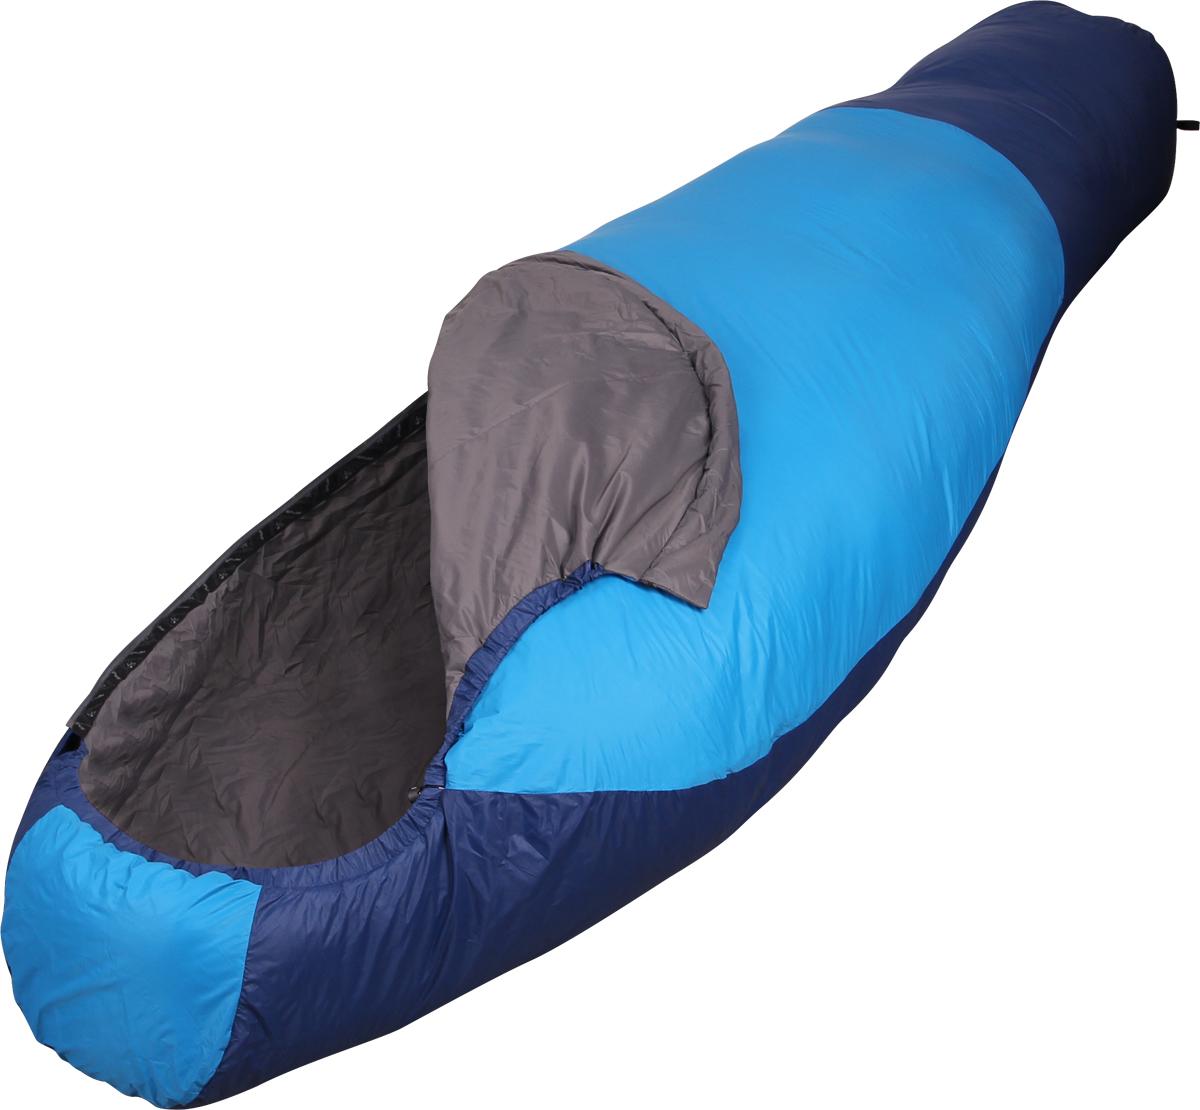 Мешок спальный Сплав Antris 60, центральная молния, цвет: голубой, 240 x 90 x 60 см4505463Сплав Antris 60 - сверхлегкий, летний спальный мешок.Тип конструкции: кокон. Молния неразъемная на 1/2 длины спальника. Утепленная защитная подпланка молнии. Петли для просушки. Петли для крепления внутреннего вкладыша. Упаковочный мешок в комплекте. Внимание! длительное хранение в сжатом виде не рекомендуется.Материалы: Внешняя ткань: Nylon 6.6 R/S 20D Down Proof Hight Density Teflon DWR Cire.Вес ткани: 32 г/м2. Дышимость ткани: 0,8 см3/см2/с.Внутренняя ткань: Nylon 20D/370T Down Proof W/R Cire. Утеплитель: Primaloft.Плотность утеплителя : 60 г/м2. Температурный режим: Комфорт: +13… +9° С. Экстрим: -2° С. Габариты и вес: Размеры: 240 х 90 х 60 см (рост до 205 см).Полный вес: 0,65 кг.Минимальный вес: 0,64 кг.Размеры в упакованном виде: 20 х 37 см.